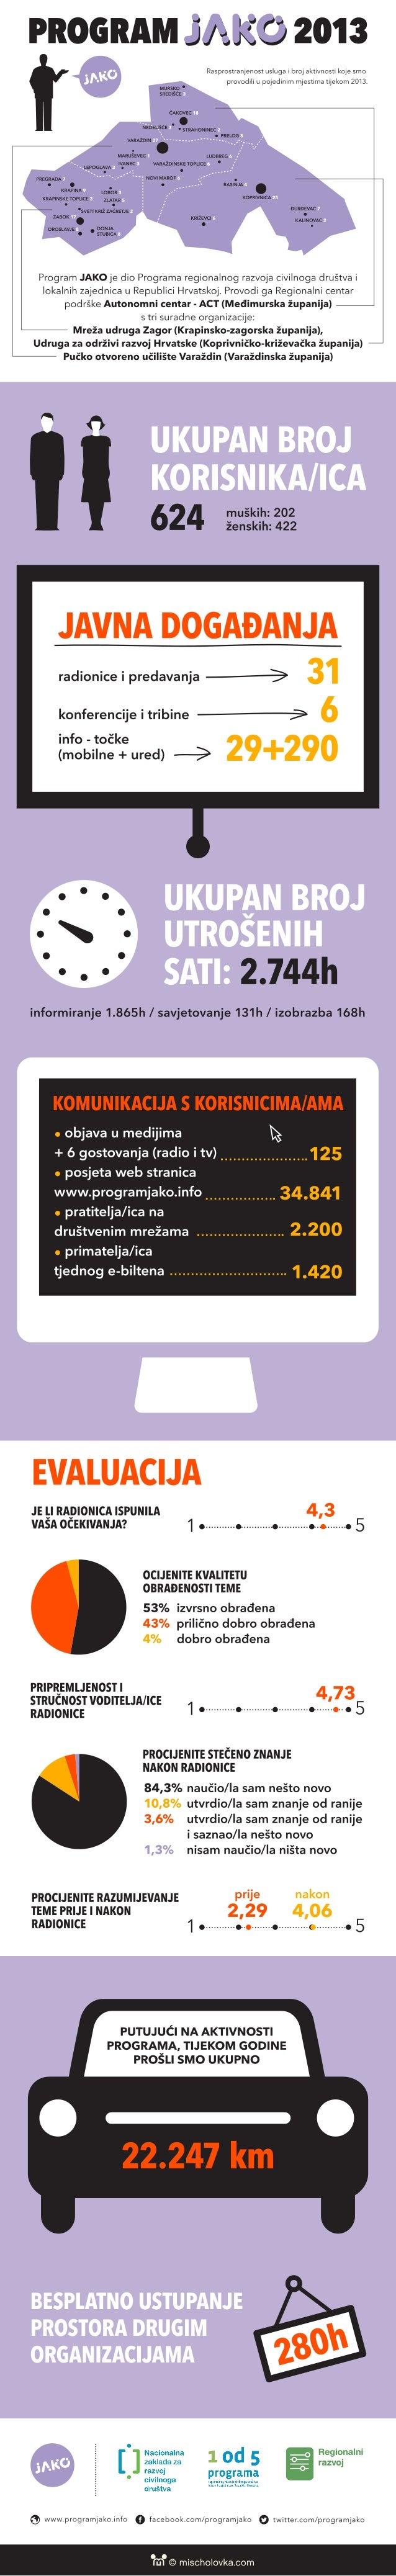 Program JAKO u 2013. - INFOGRAFIKA